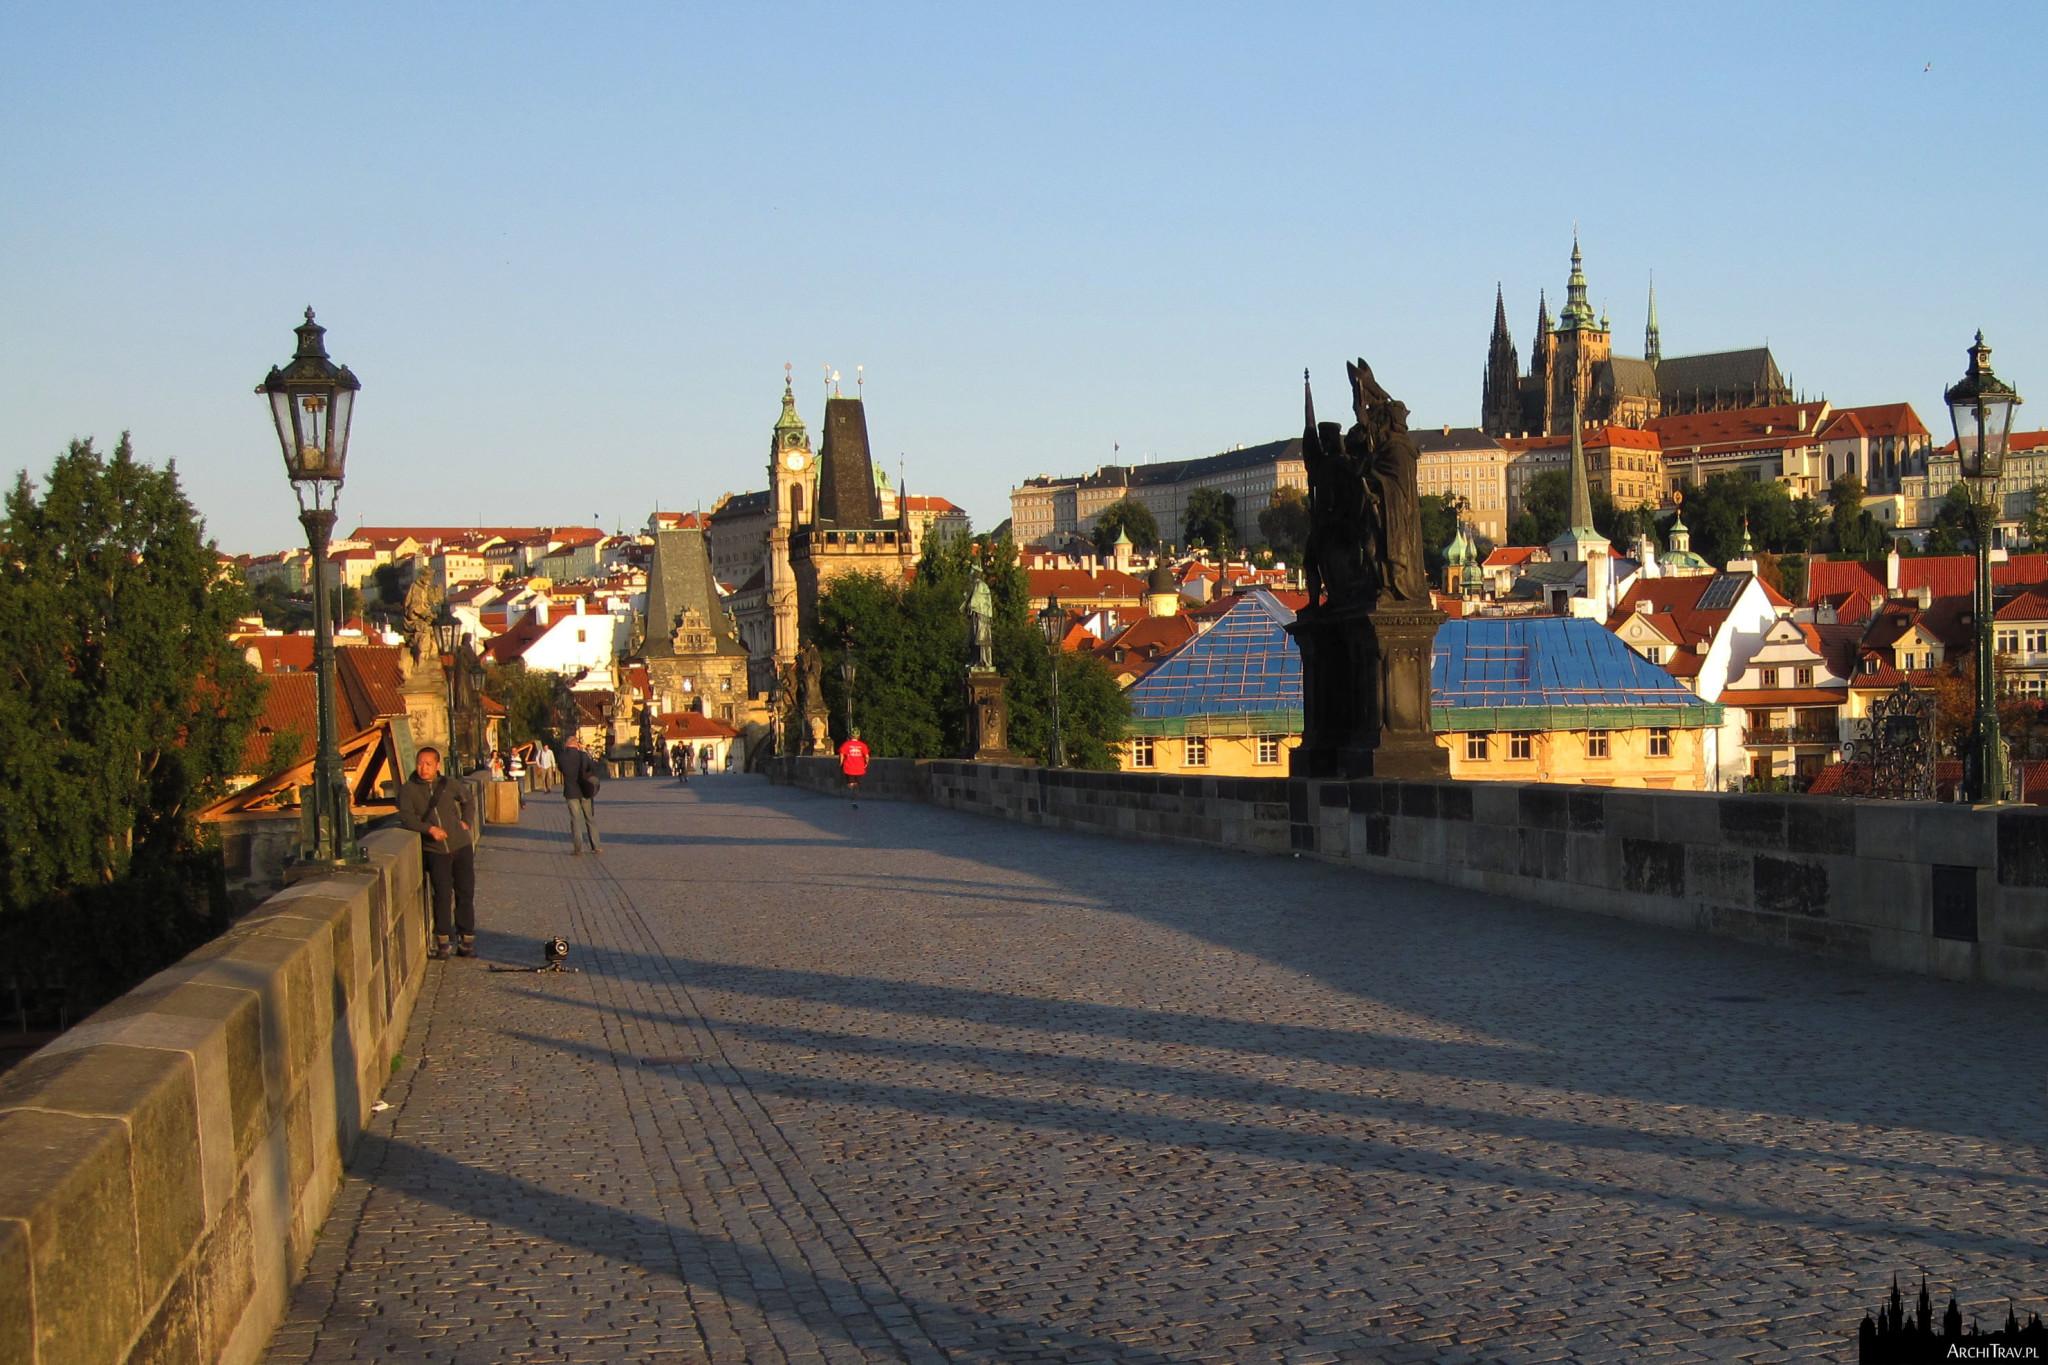 widok na Most Karola, w oddali Katedra św. Wita, poranek na moście, bardzo mało ludzi